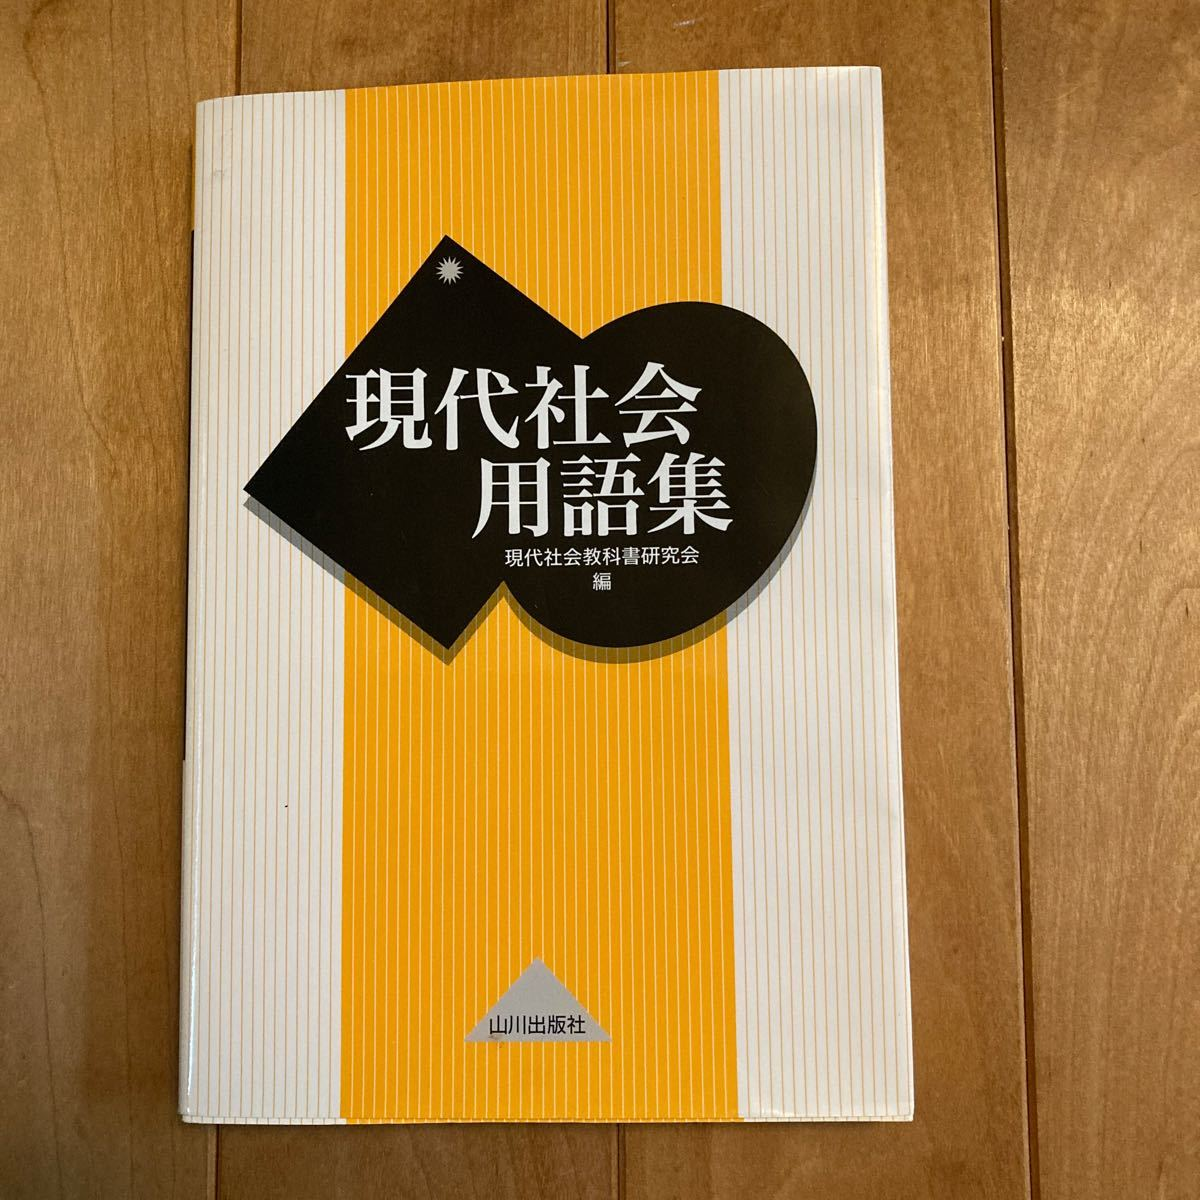 現代社会用語集/現代社会教科書研究会 (編者)